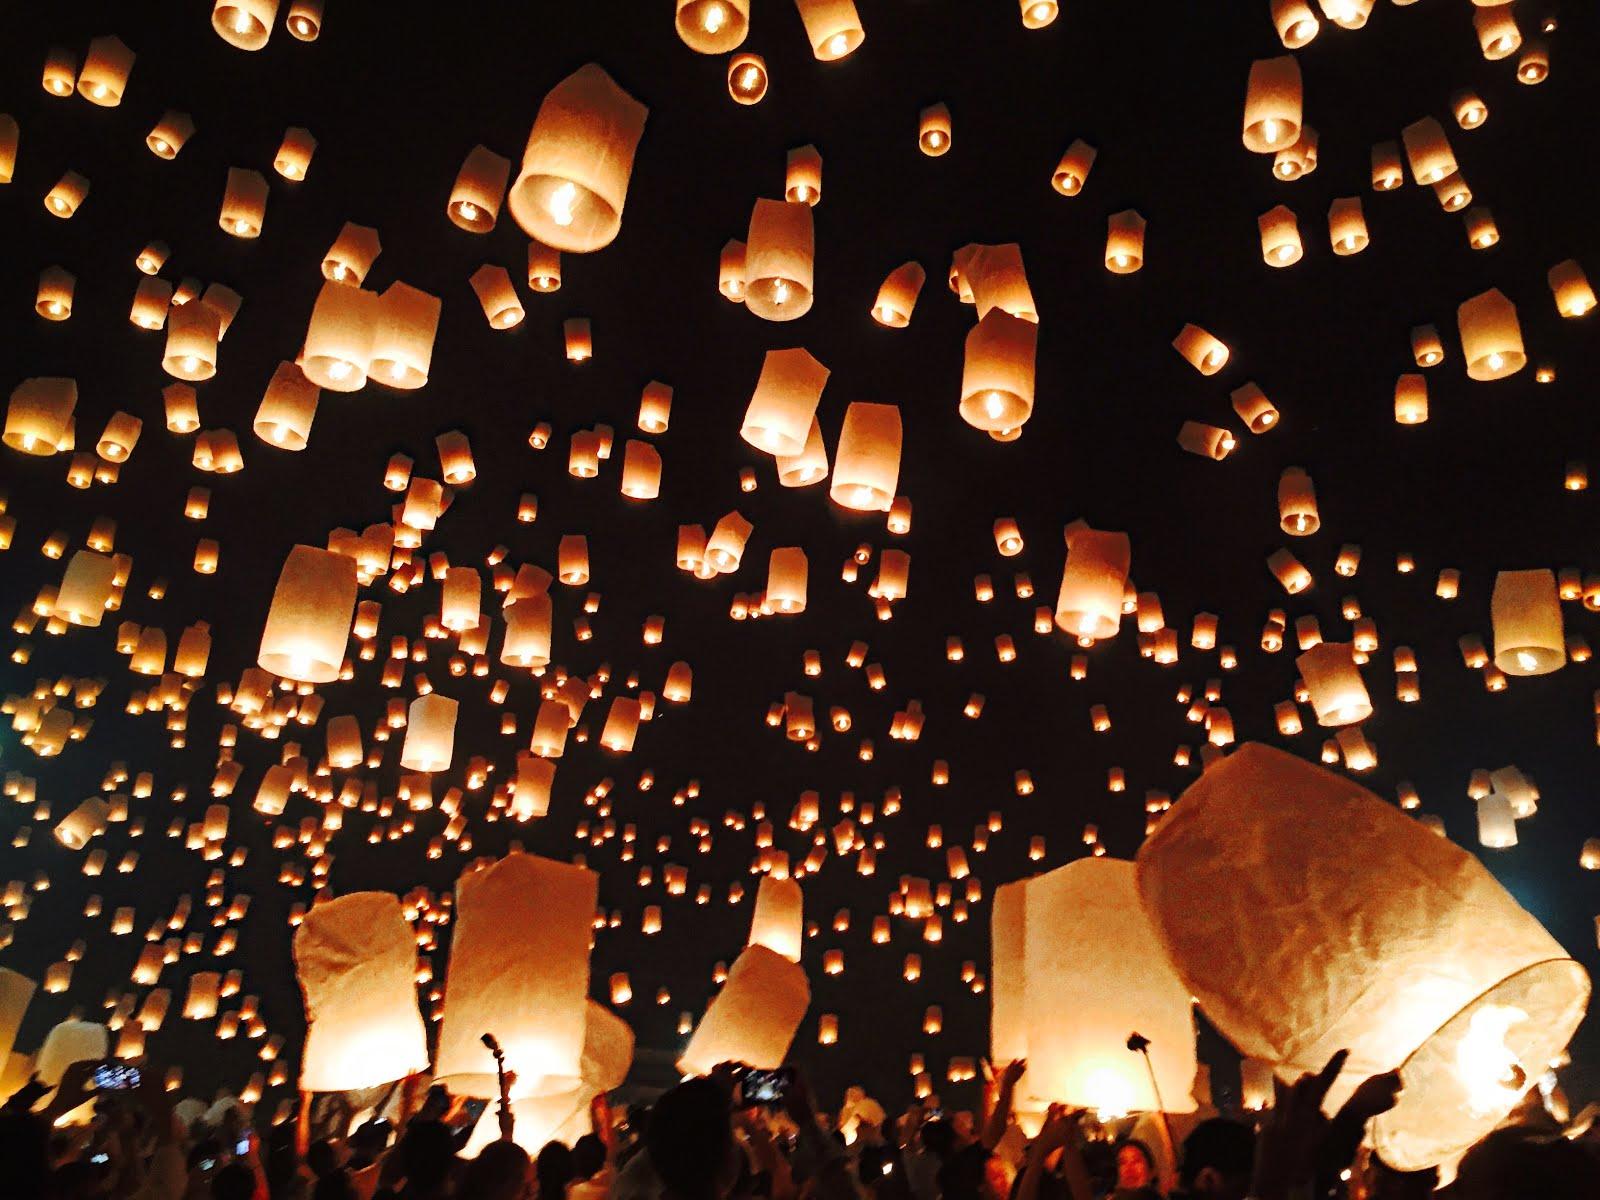 Yi Peng Festival in Chiang Mai, Thailand 2015